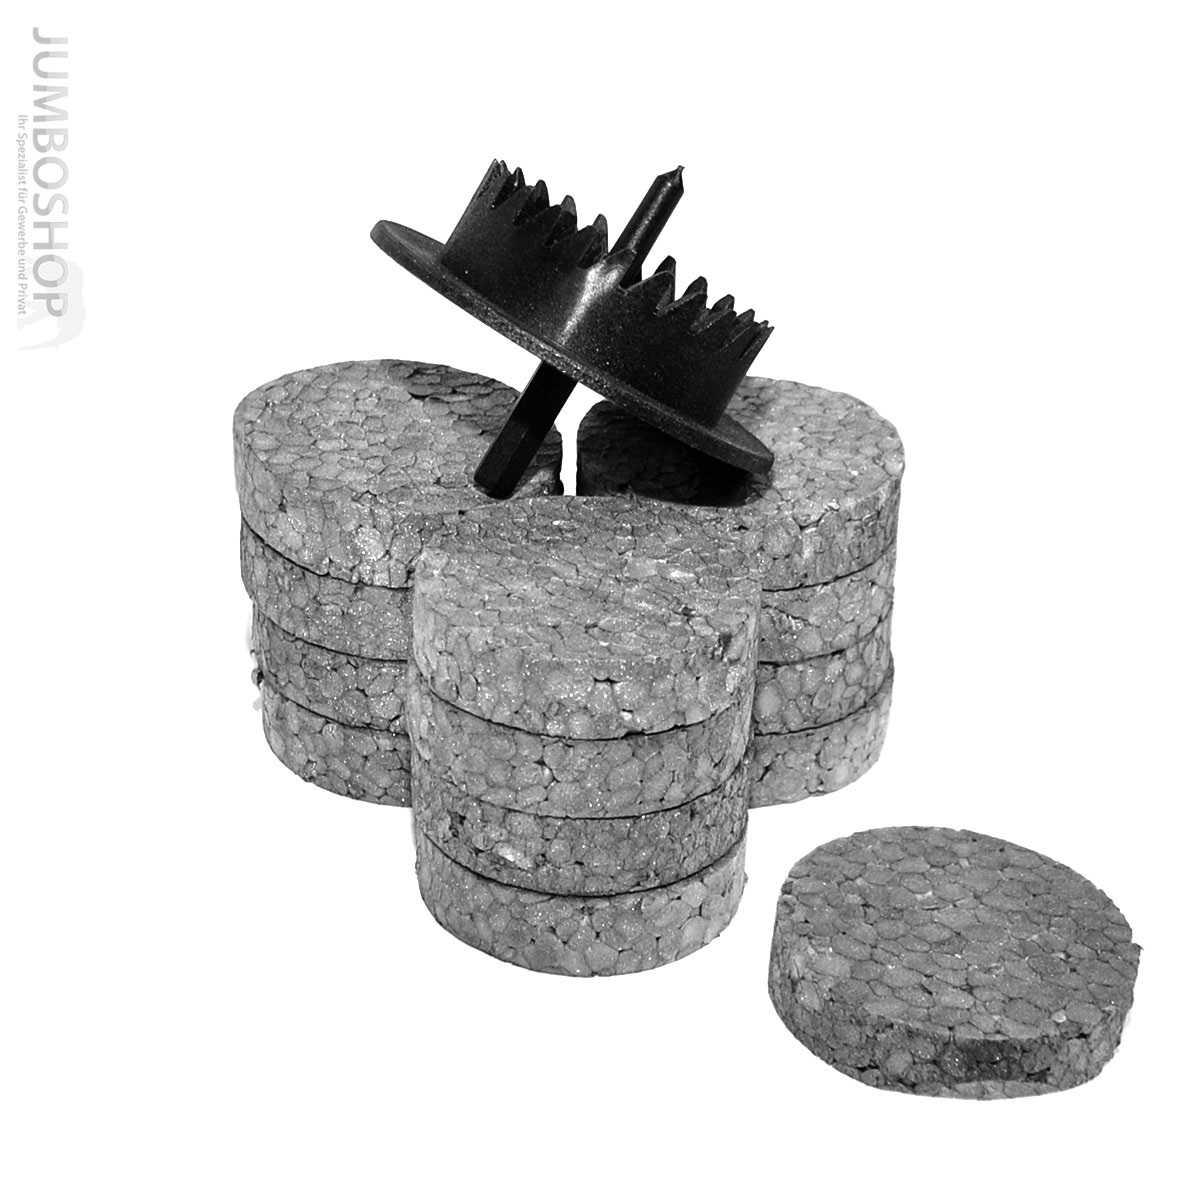 rondelle styropor graphit f r tellerd bel mit fr se wdvs. Black Bedroom Furniture Sets. Home Design Ideas